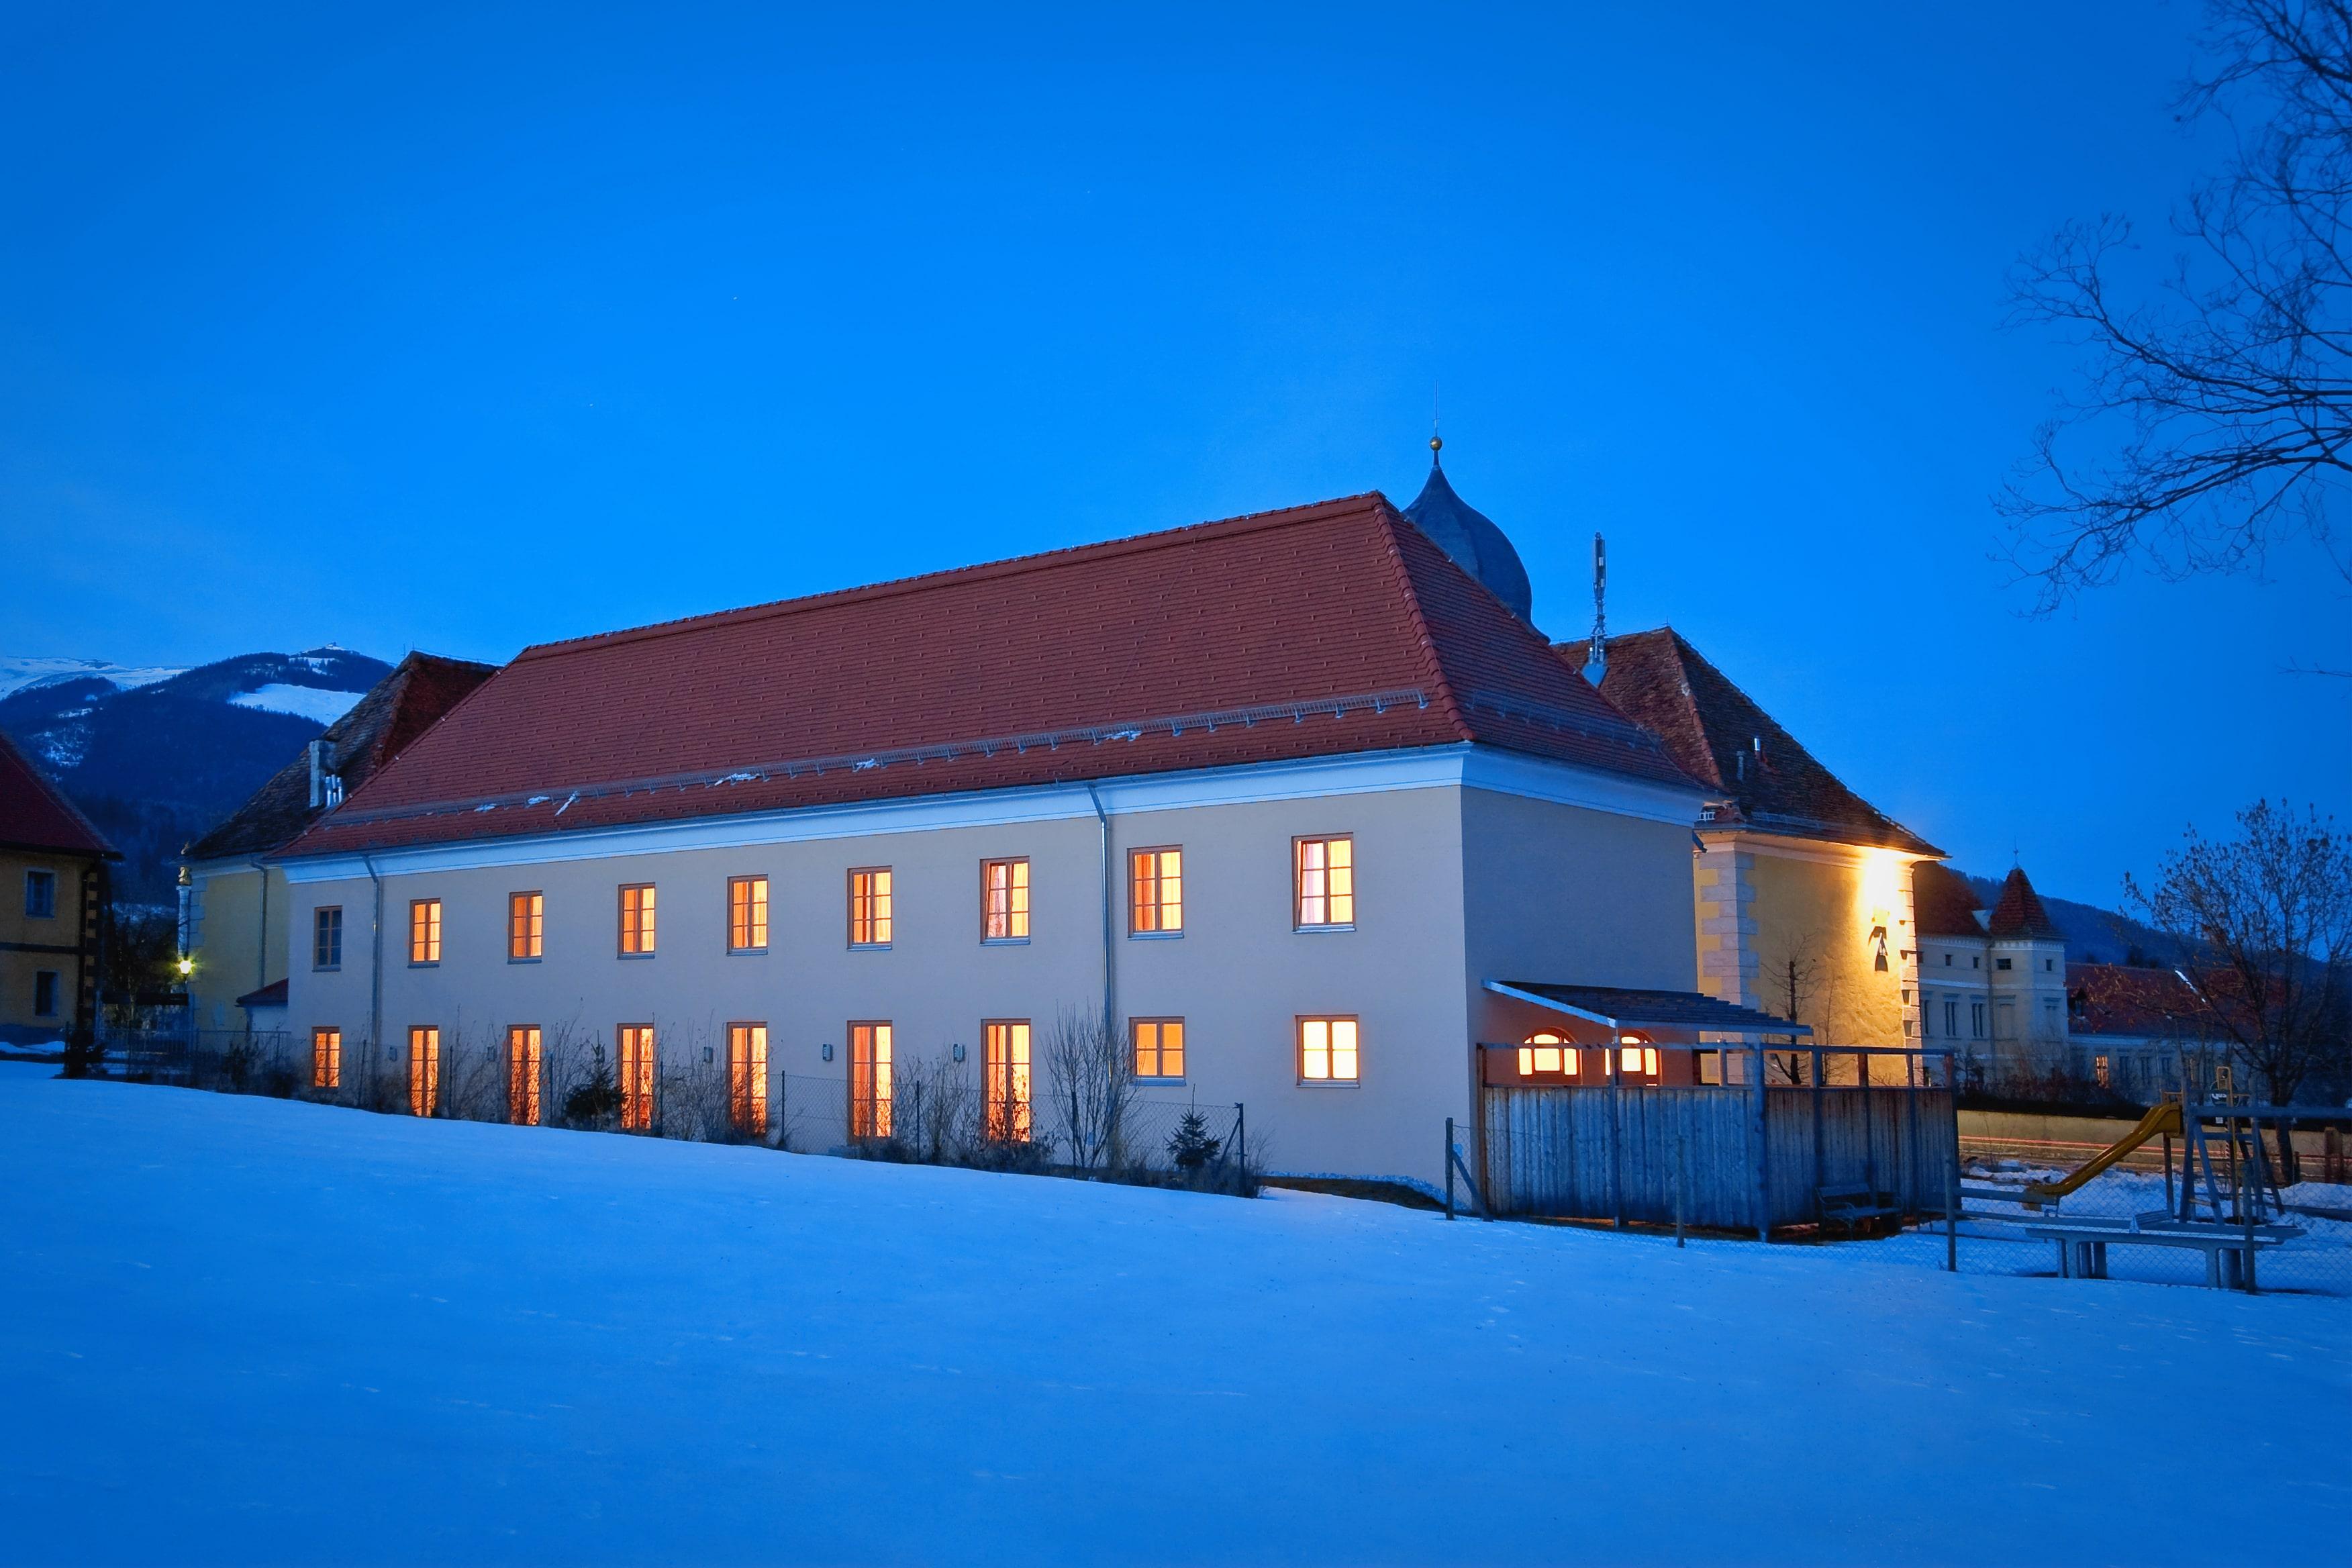 Sie sehen die Aussenansicht im Winter des Hotels mit beleuchteten Fenstern bei Abendstimmung beim JUFA Hotel Seckau. Der Ort für erholsamen Familienurlaub und einen unvergesslichen Winter- und Wanderurlaub.